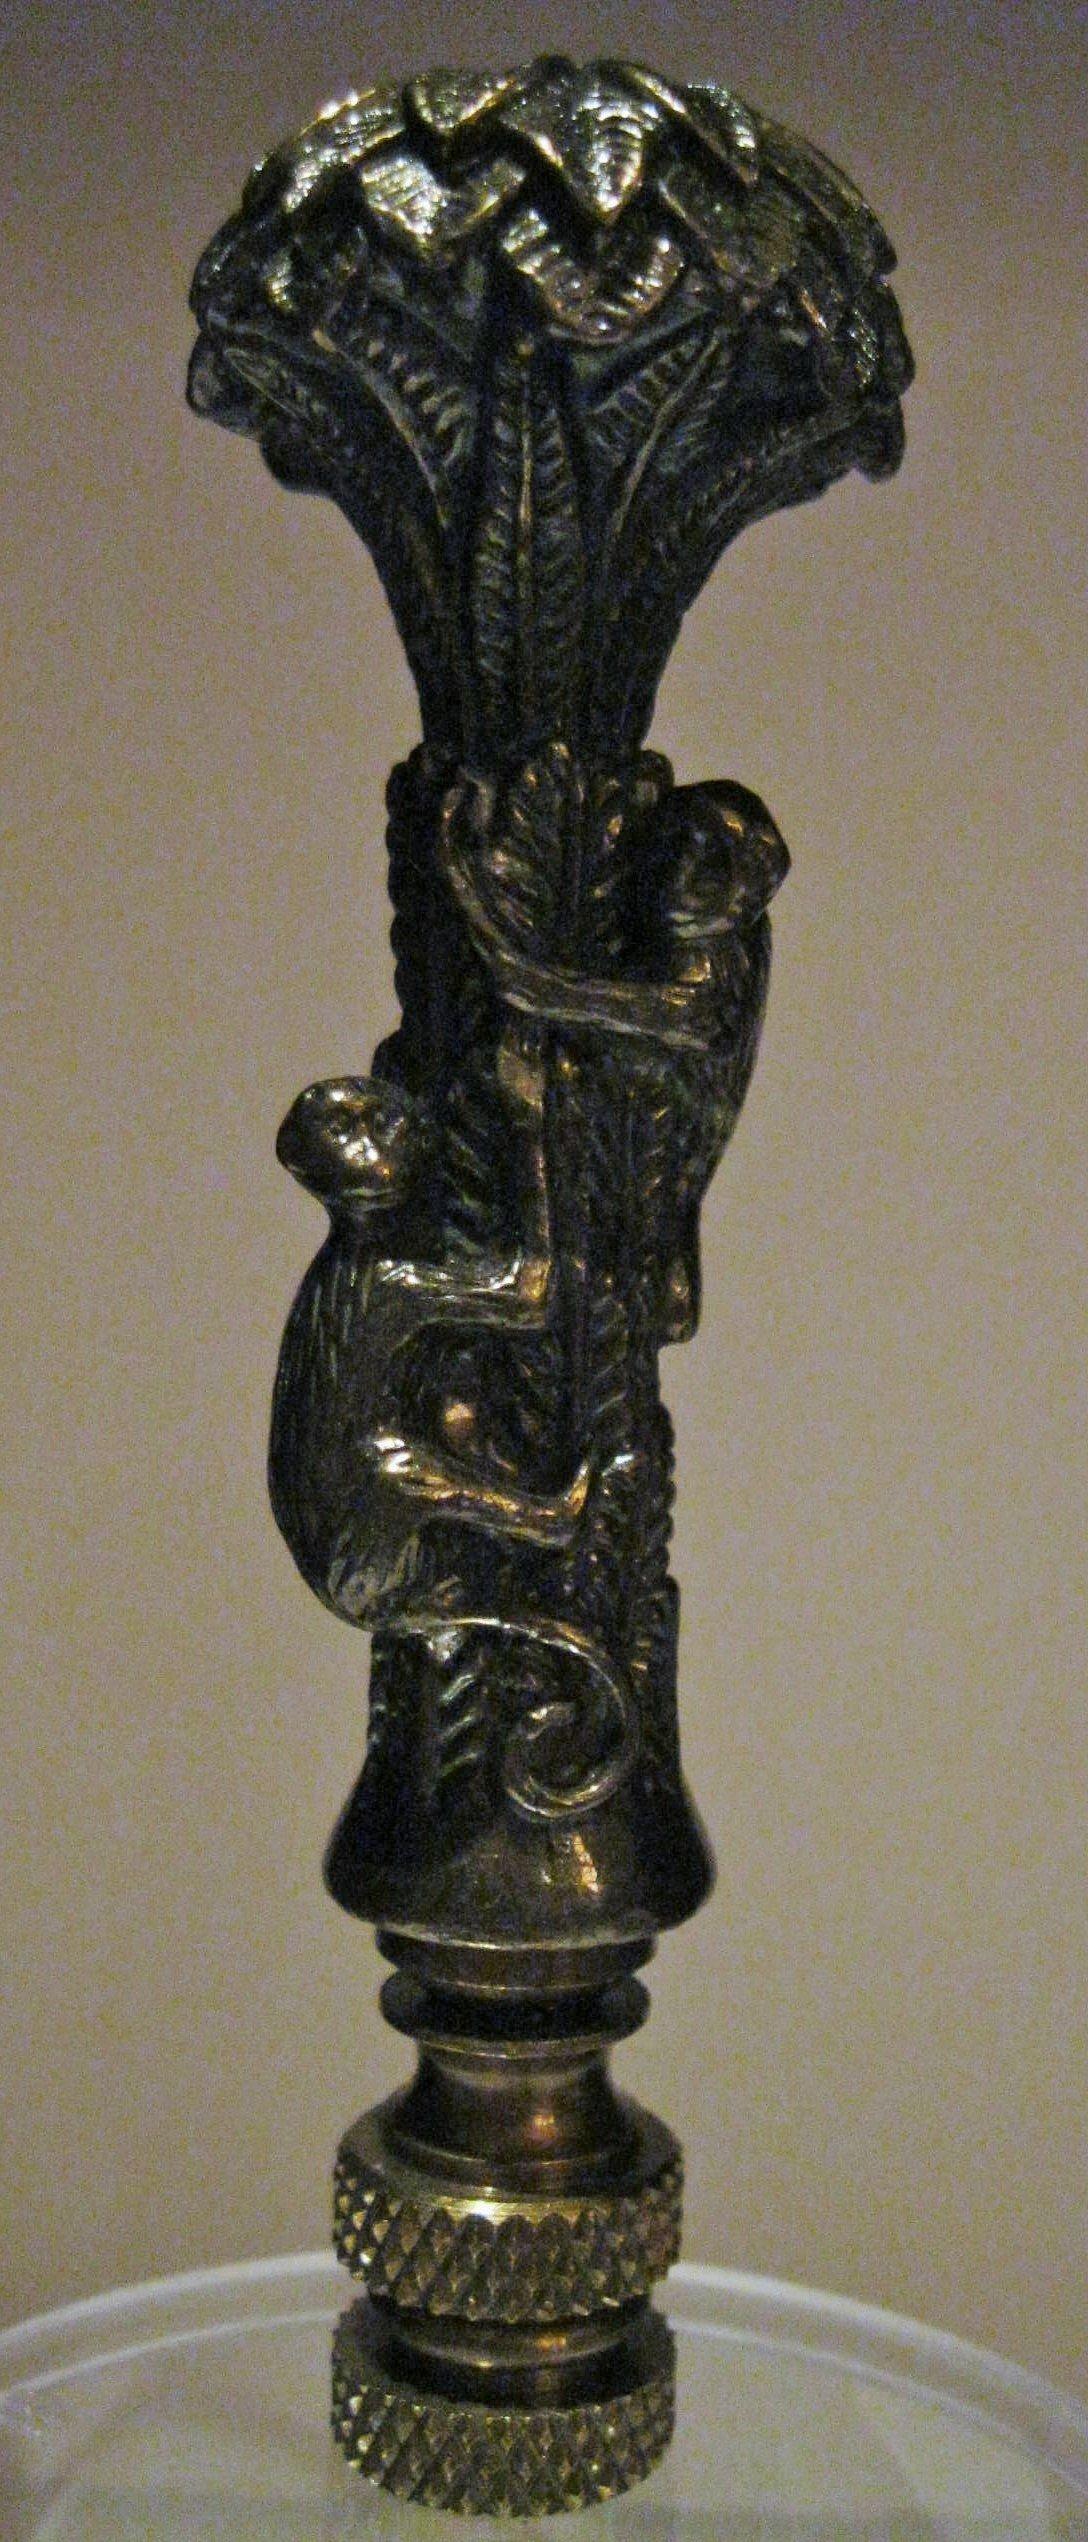 Monkeys in a Palm Tree Lamp Finial- Bronze - 3.5 Inch